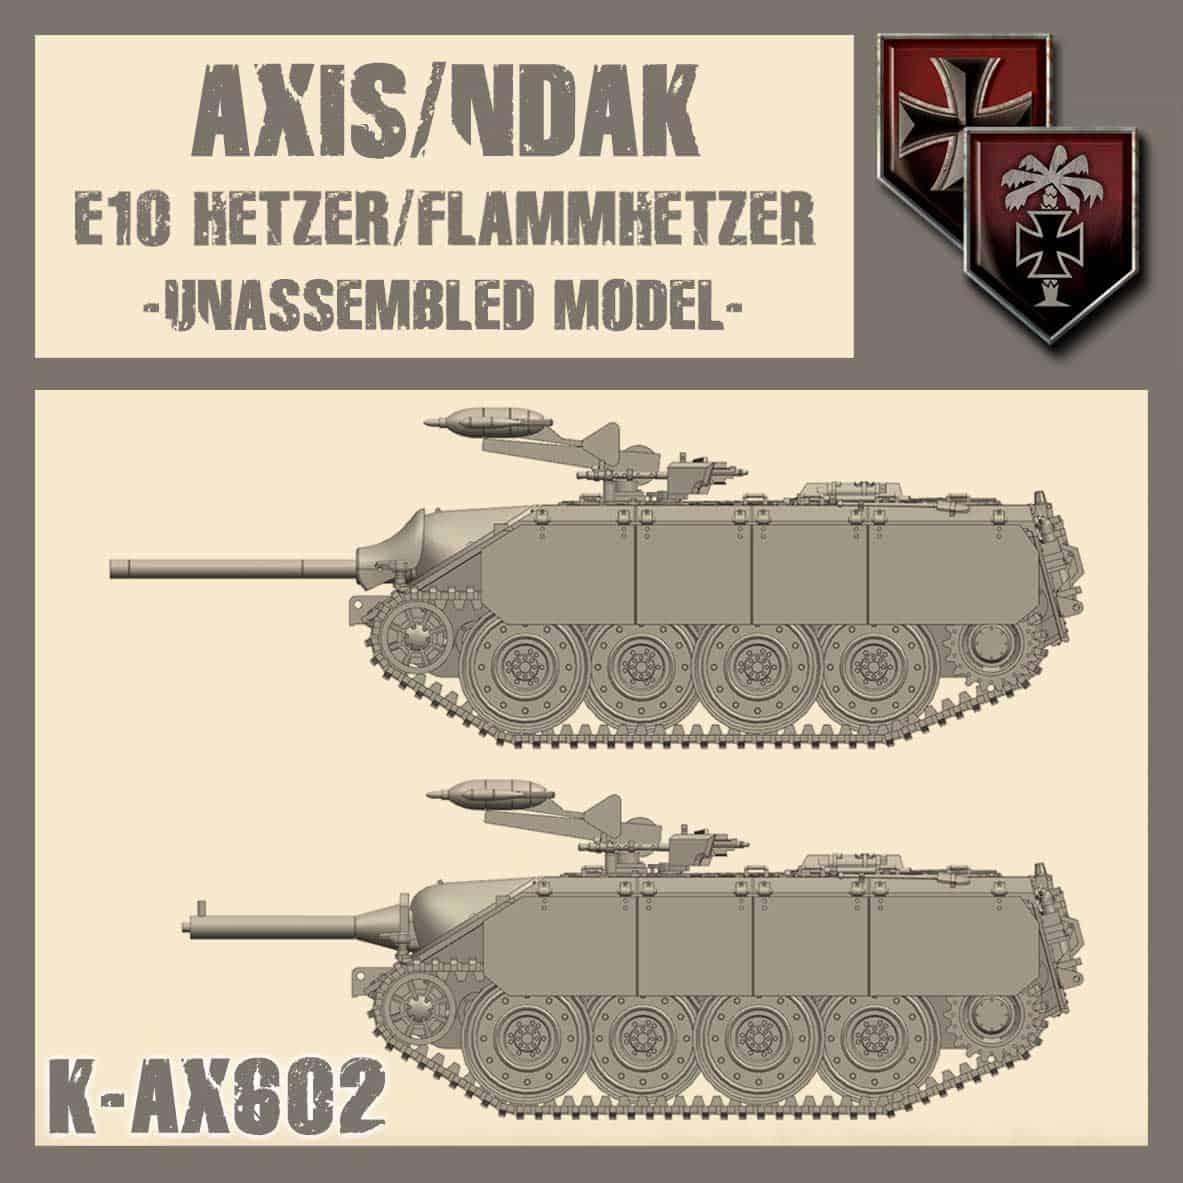 E10 Hetzer/Flammhetzer Kit